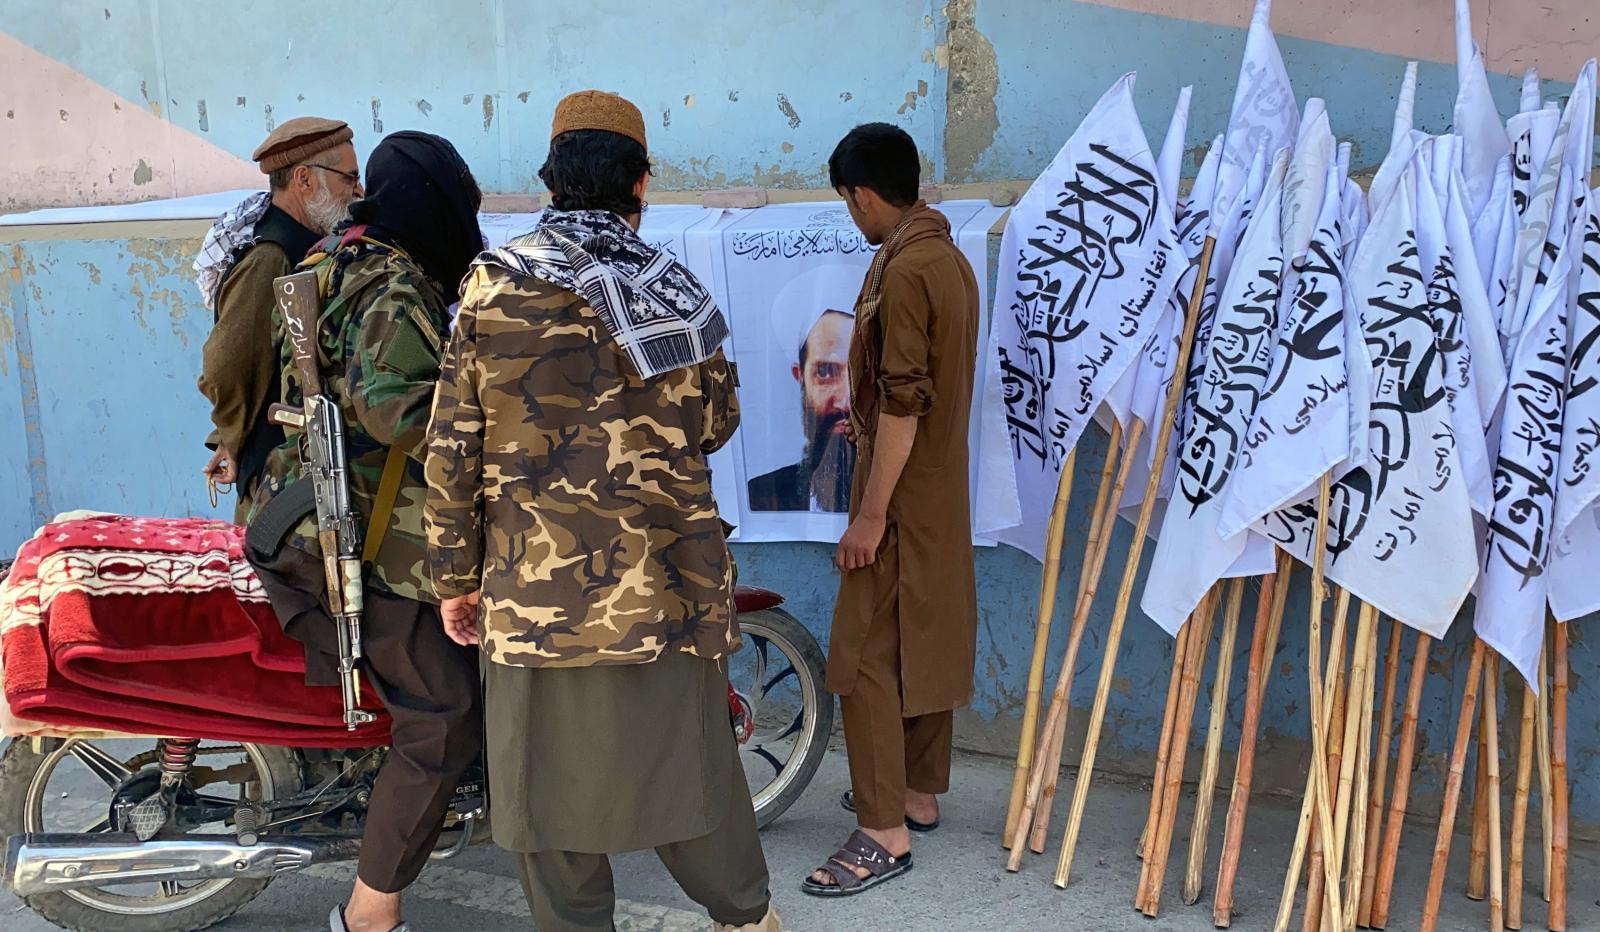 Afganistan praktycznie znalazł się we władzy talibów, w dodatku z coraz silniejszymi inklinacjami skrajnych ugrupowań muzułmańskich do przeciwstawiania się ich władzy, jako zbyt ugodowej w stosunku do Zachodu (fot. PAP/EPA/Stringer)